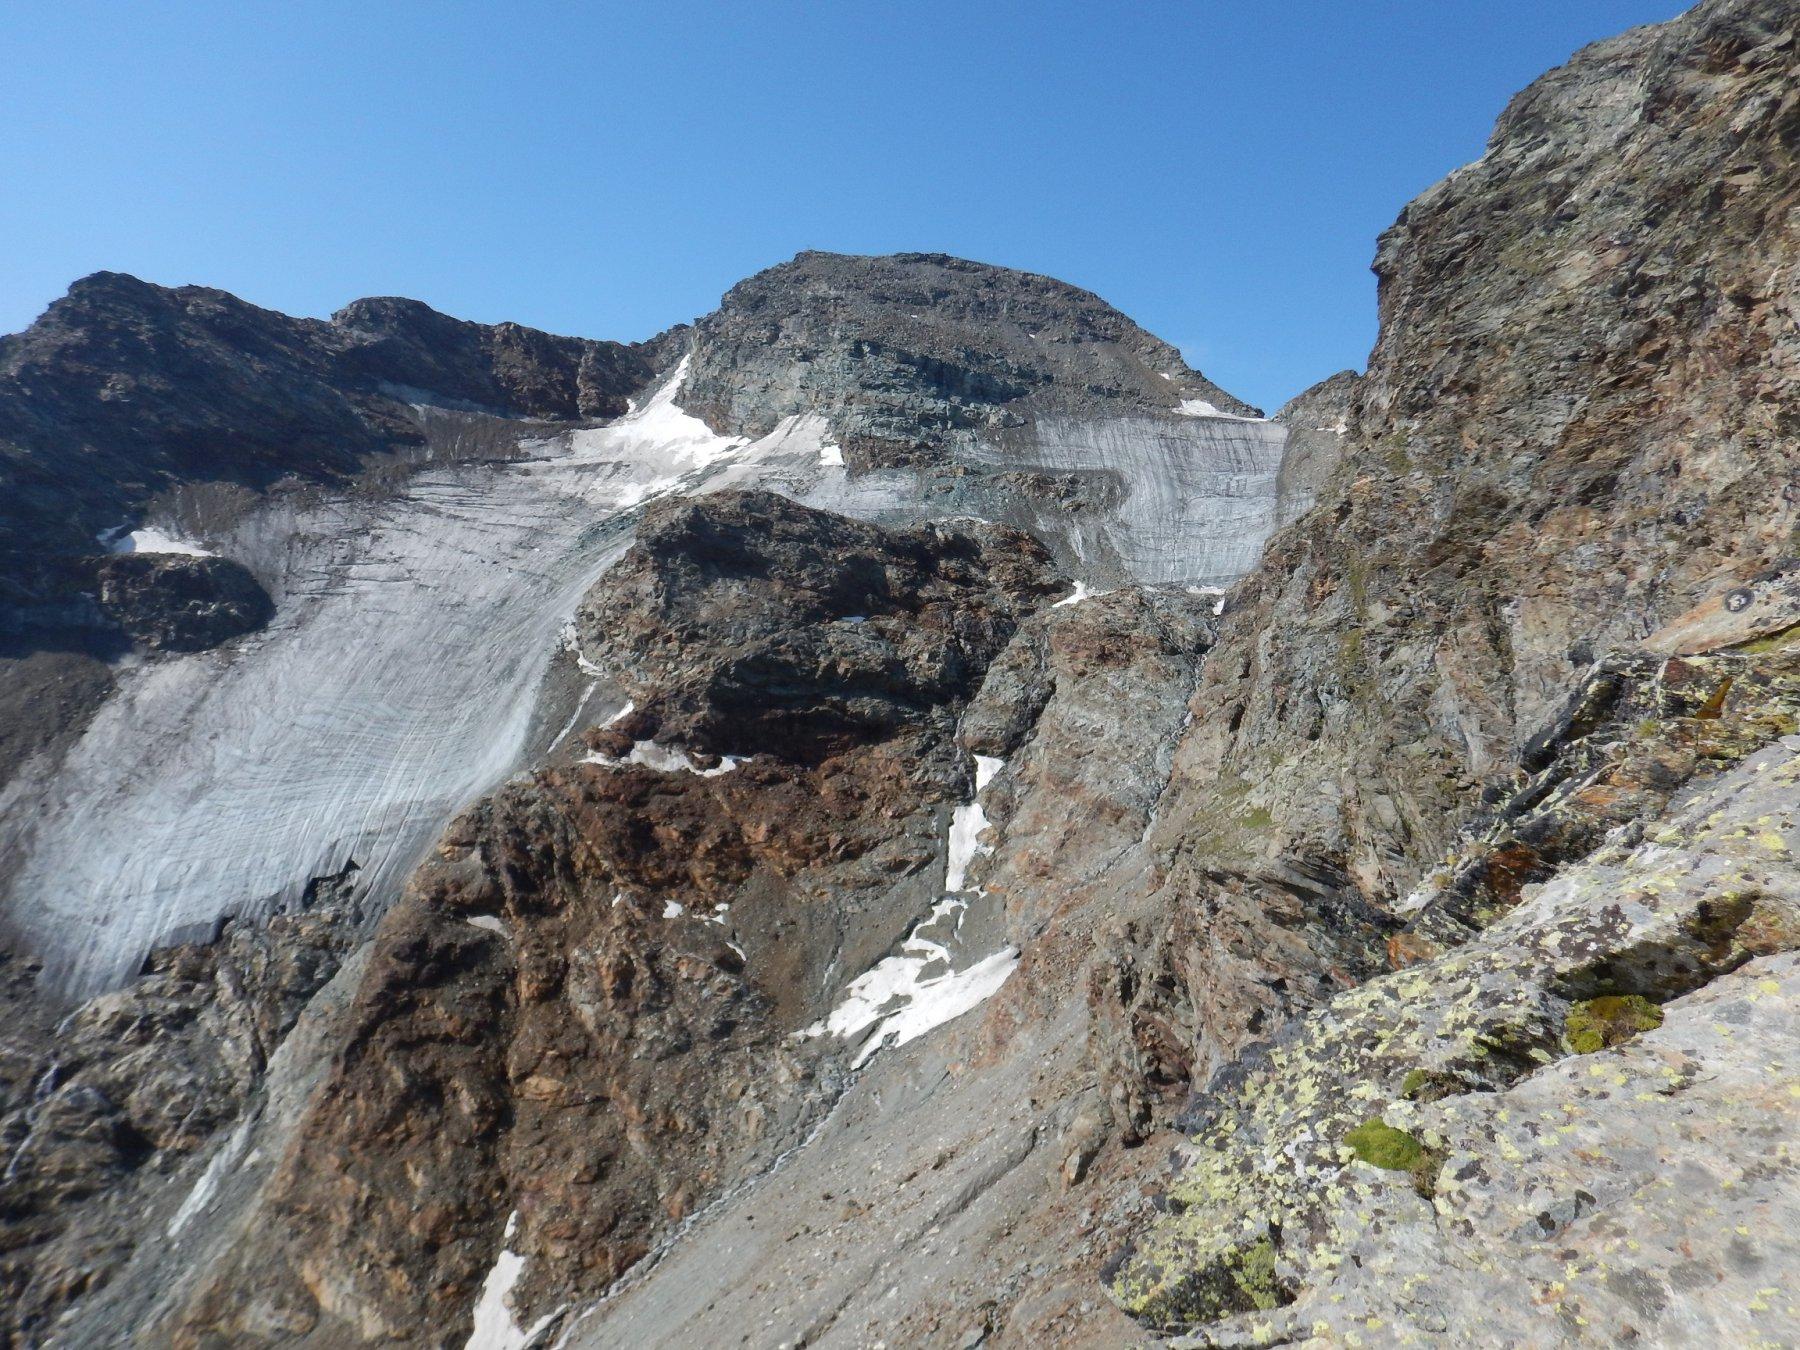 si vede la cima e sotto i ghiacciai in sofferenza